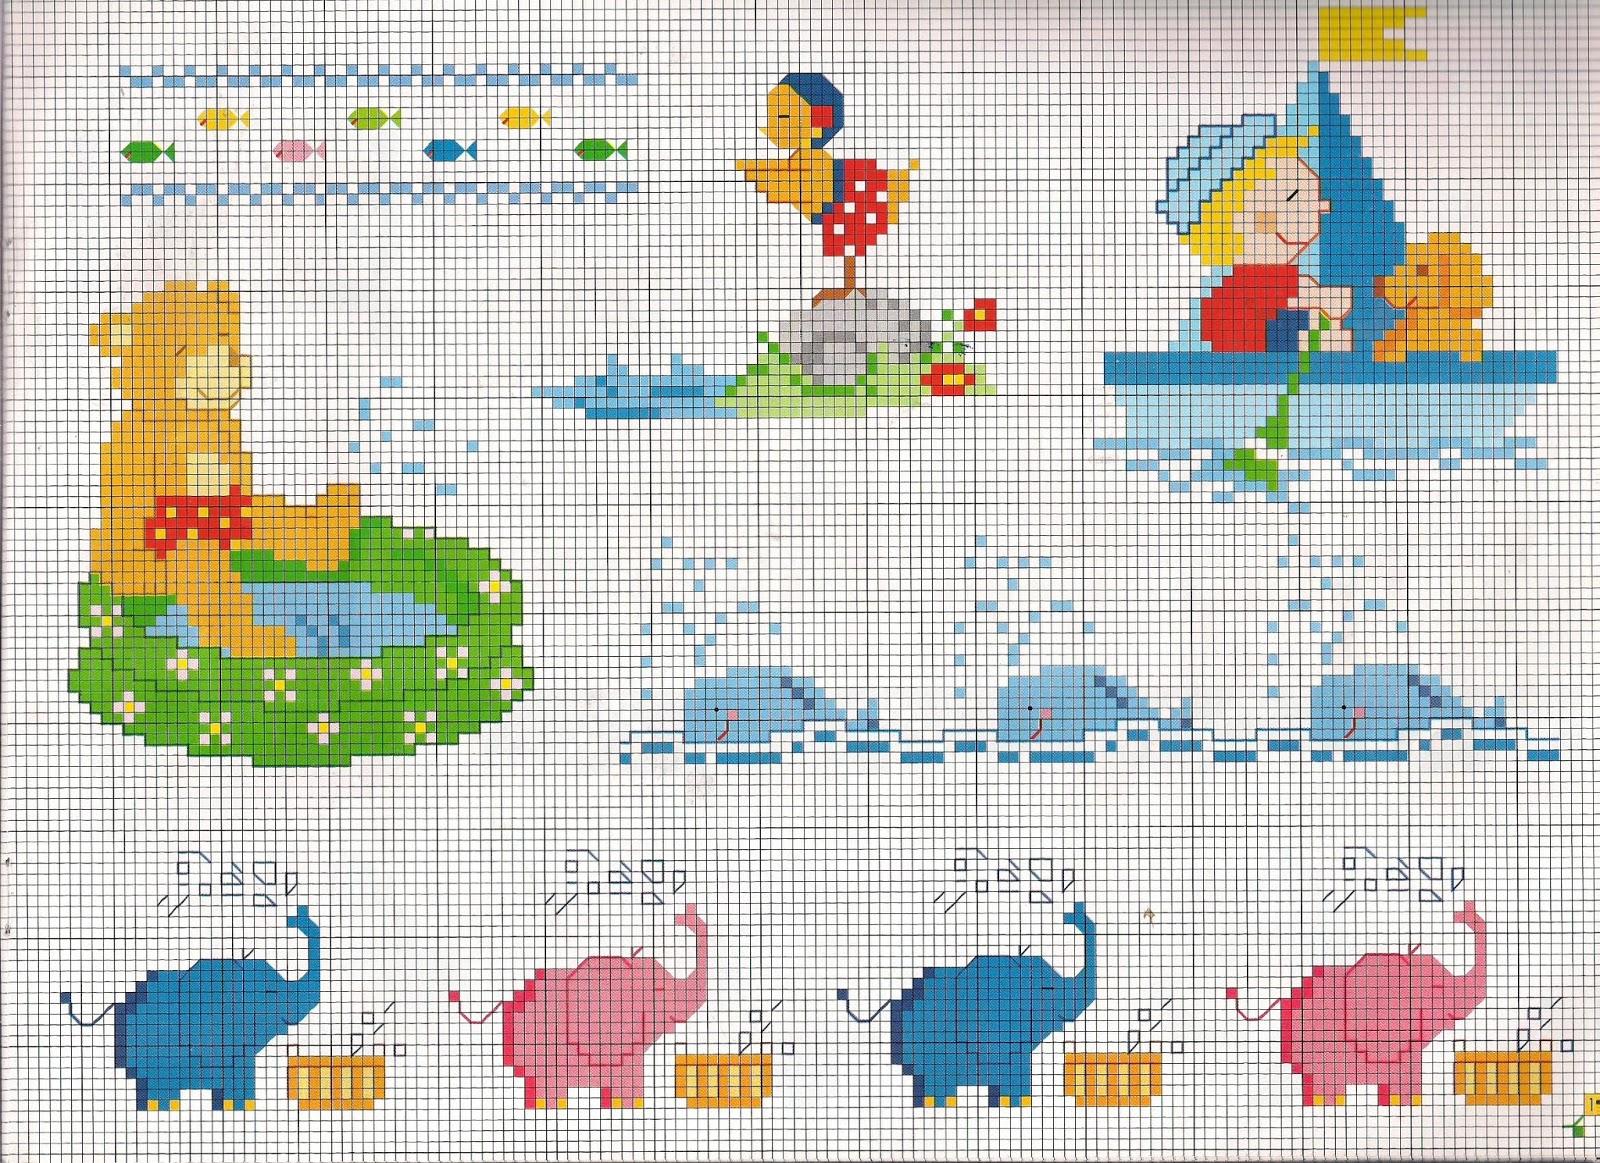 Schemi punto croce da stampare gratis jv96 regardsdefemmes for Schemi punto croce bambini gratis